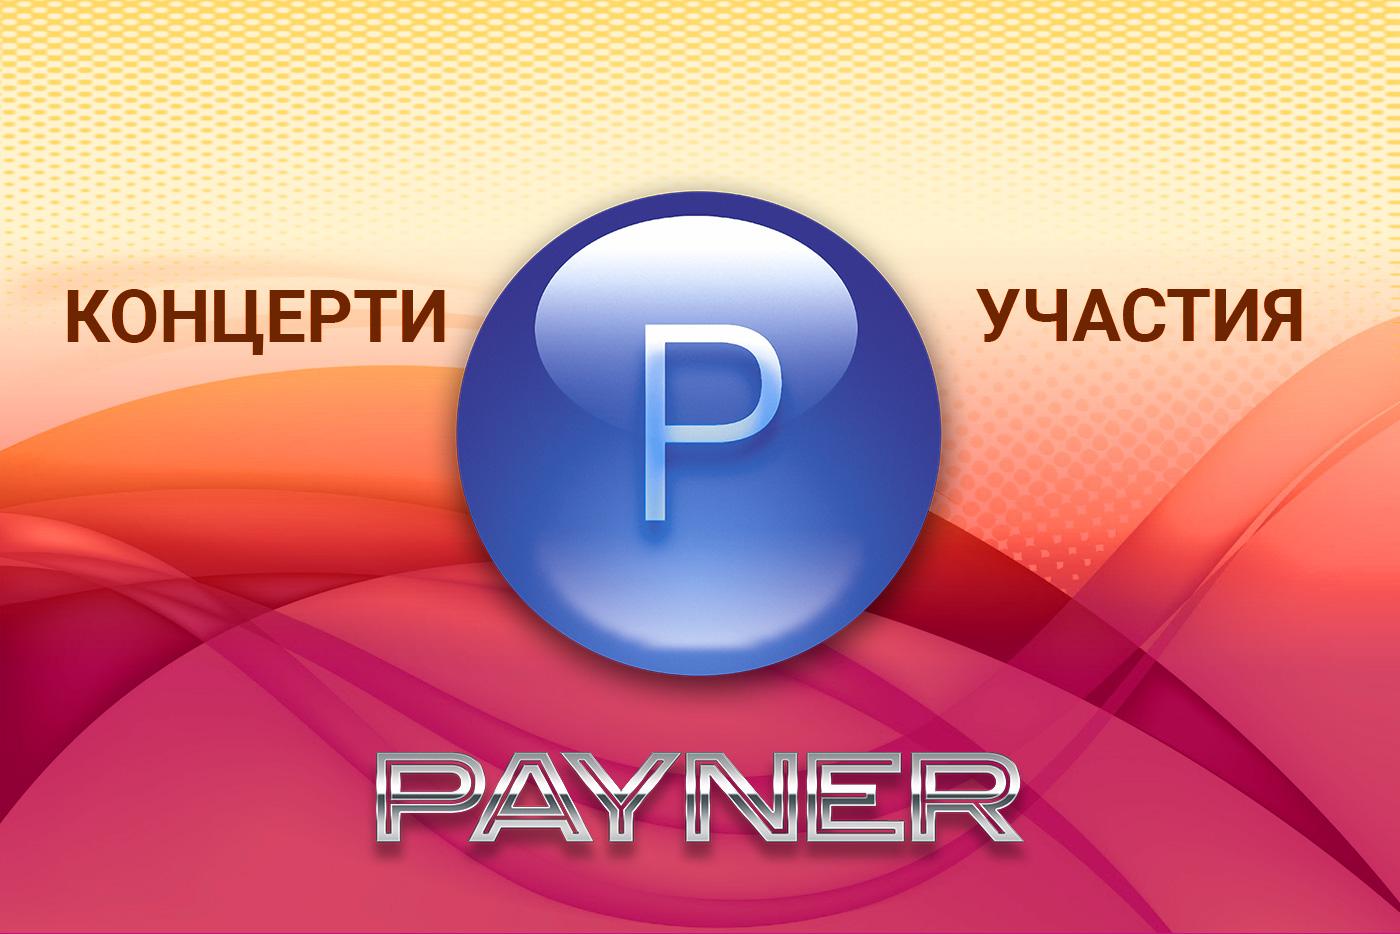 """Участия на звездите на """"Пайнер"""" на 20.04.2019"""